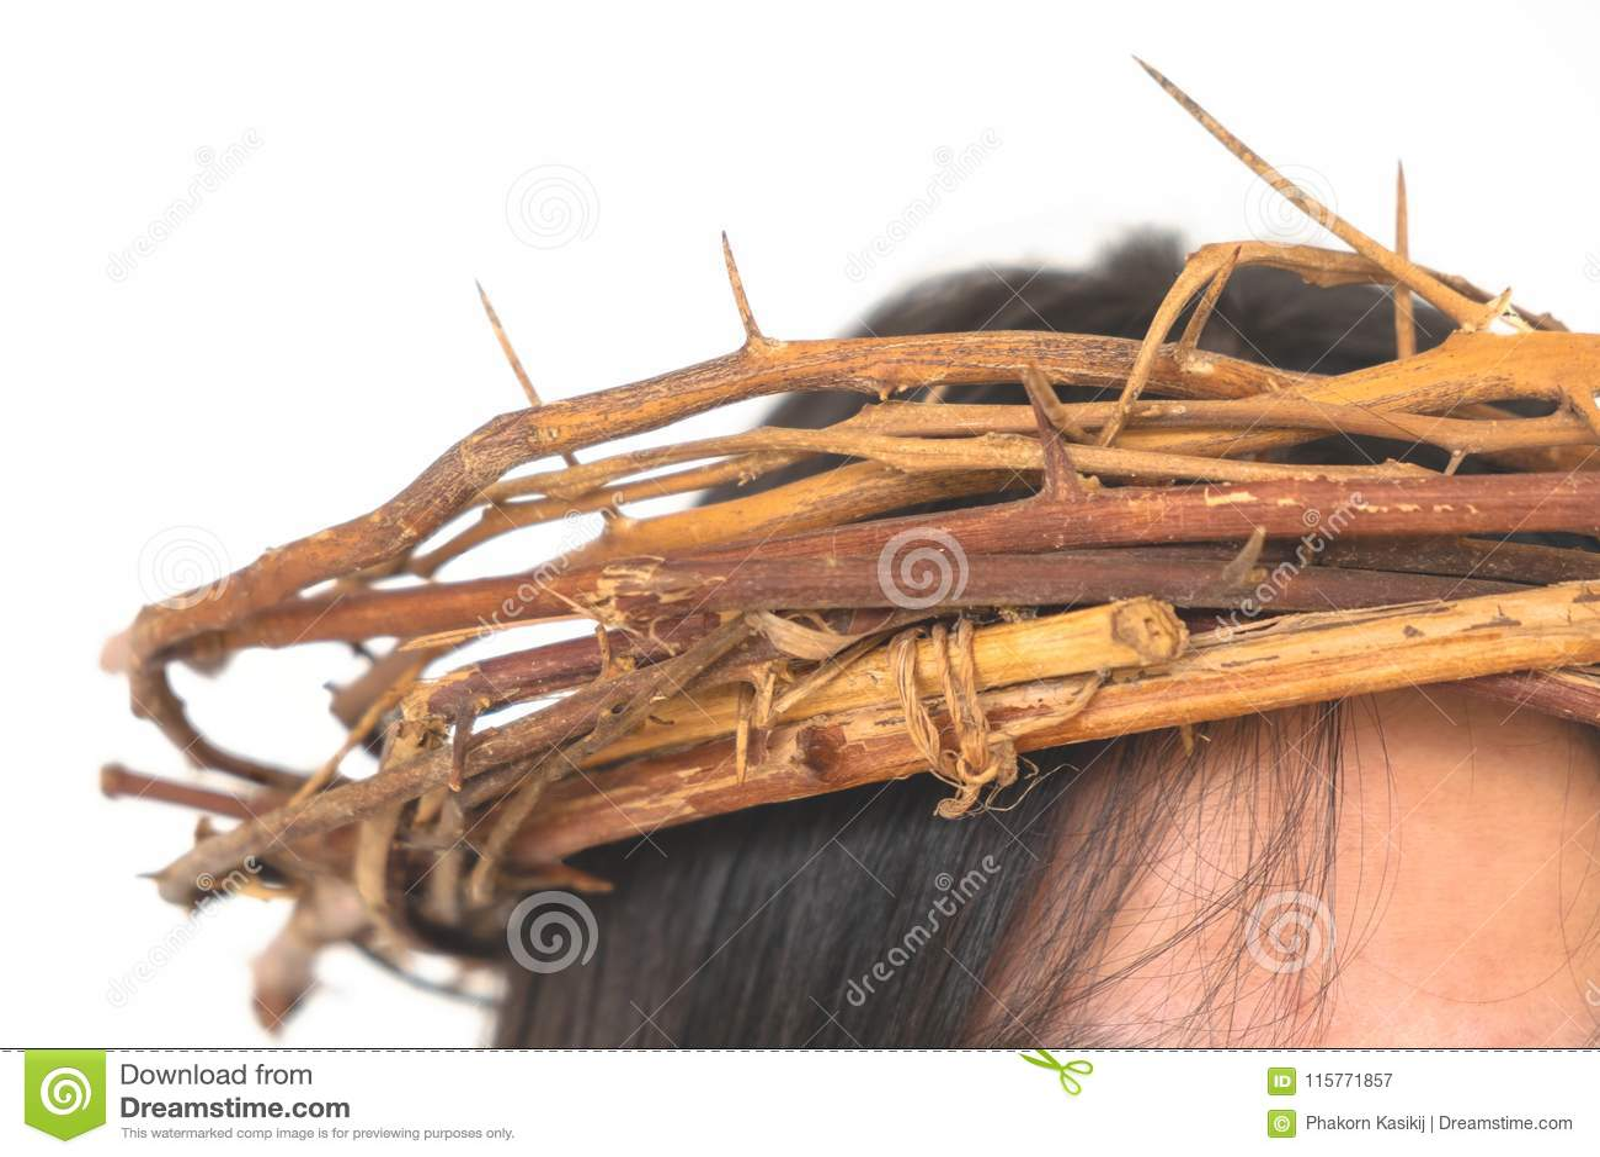 Τα αγκάθια κορωνών στο κεφάλι απομόνωσαν το άσπρο υπόβαθρο